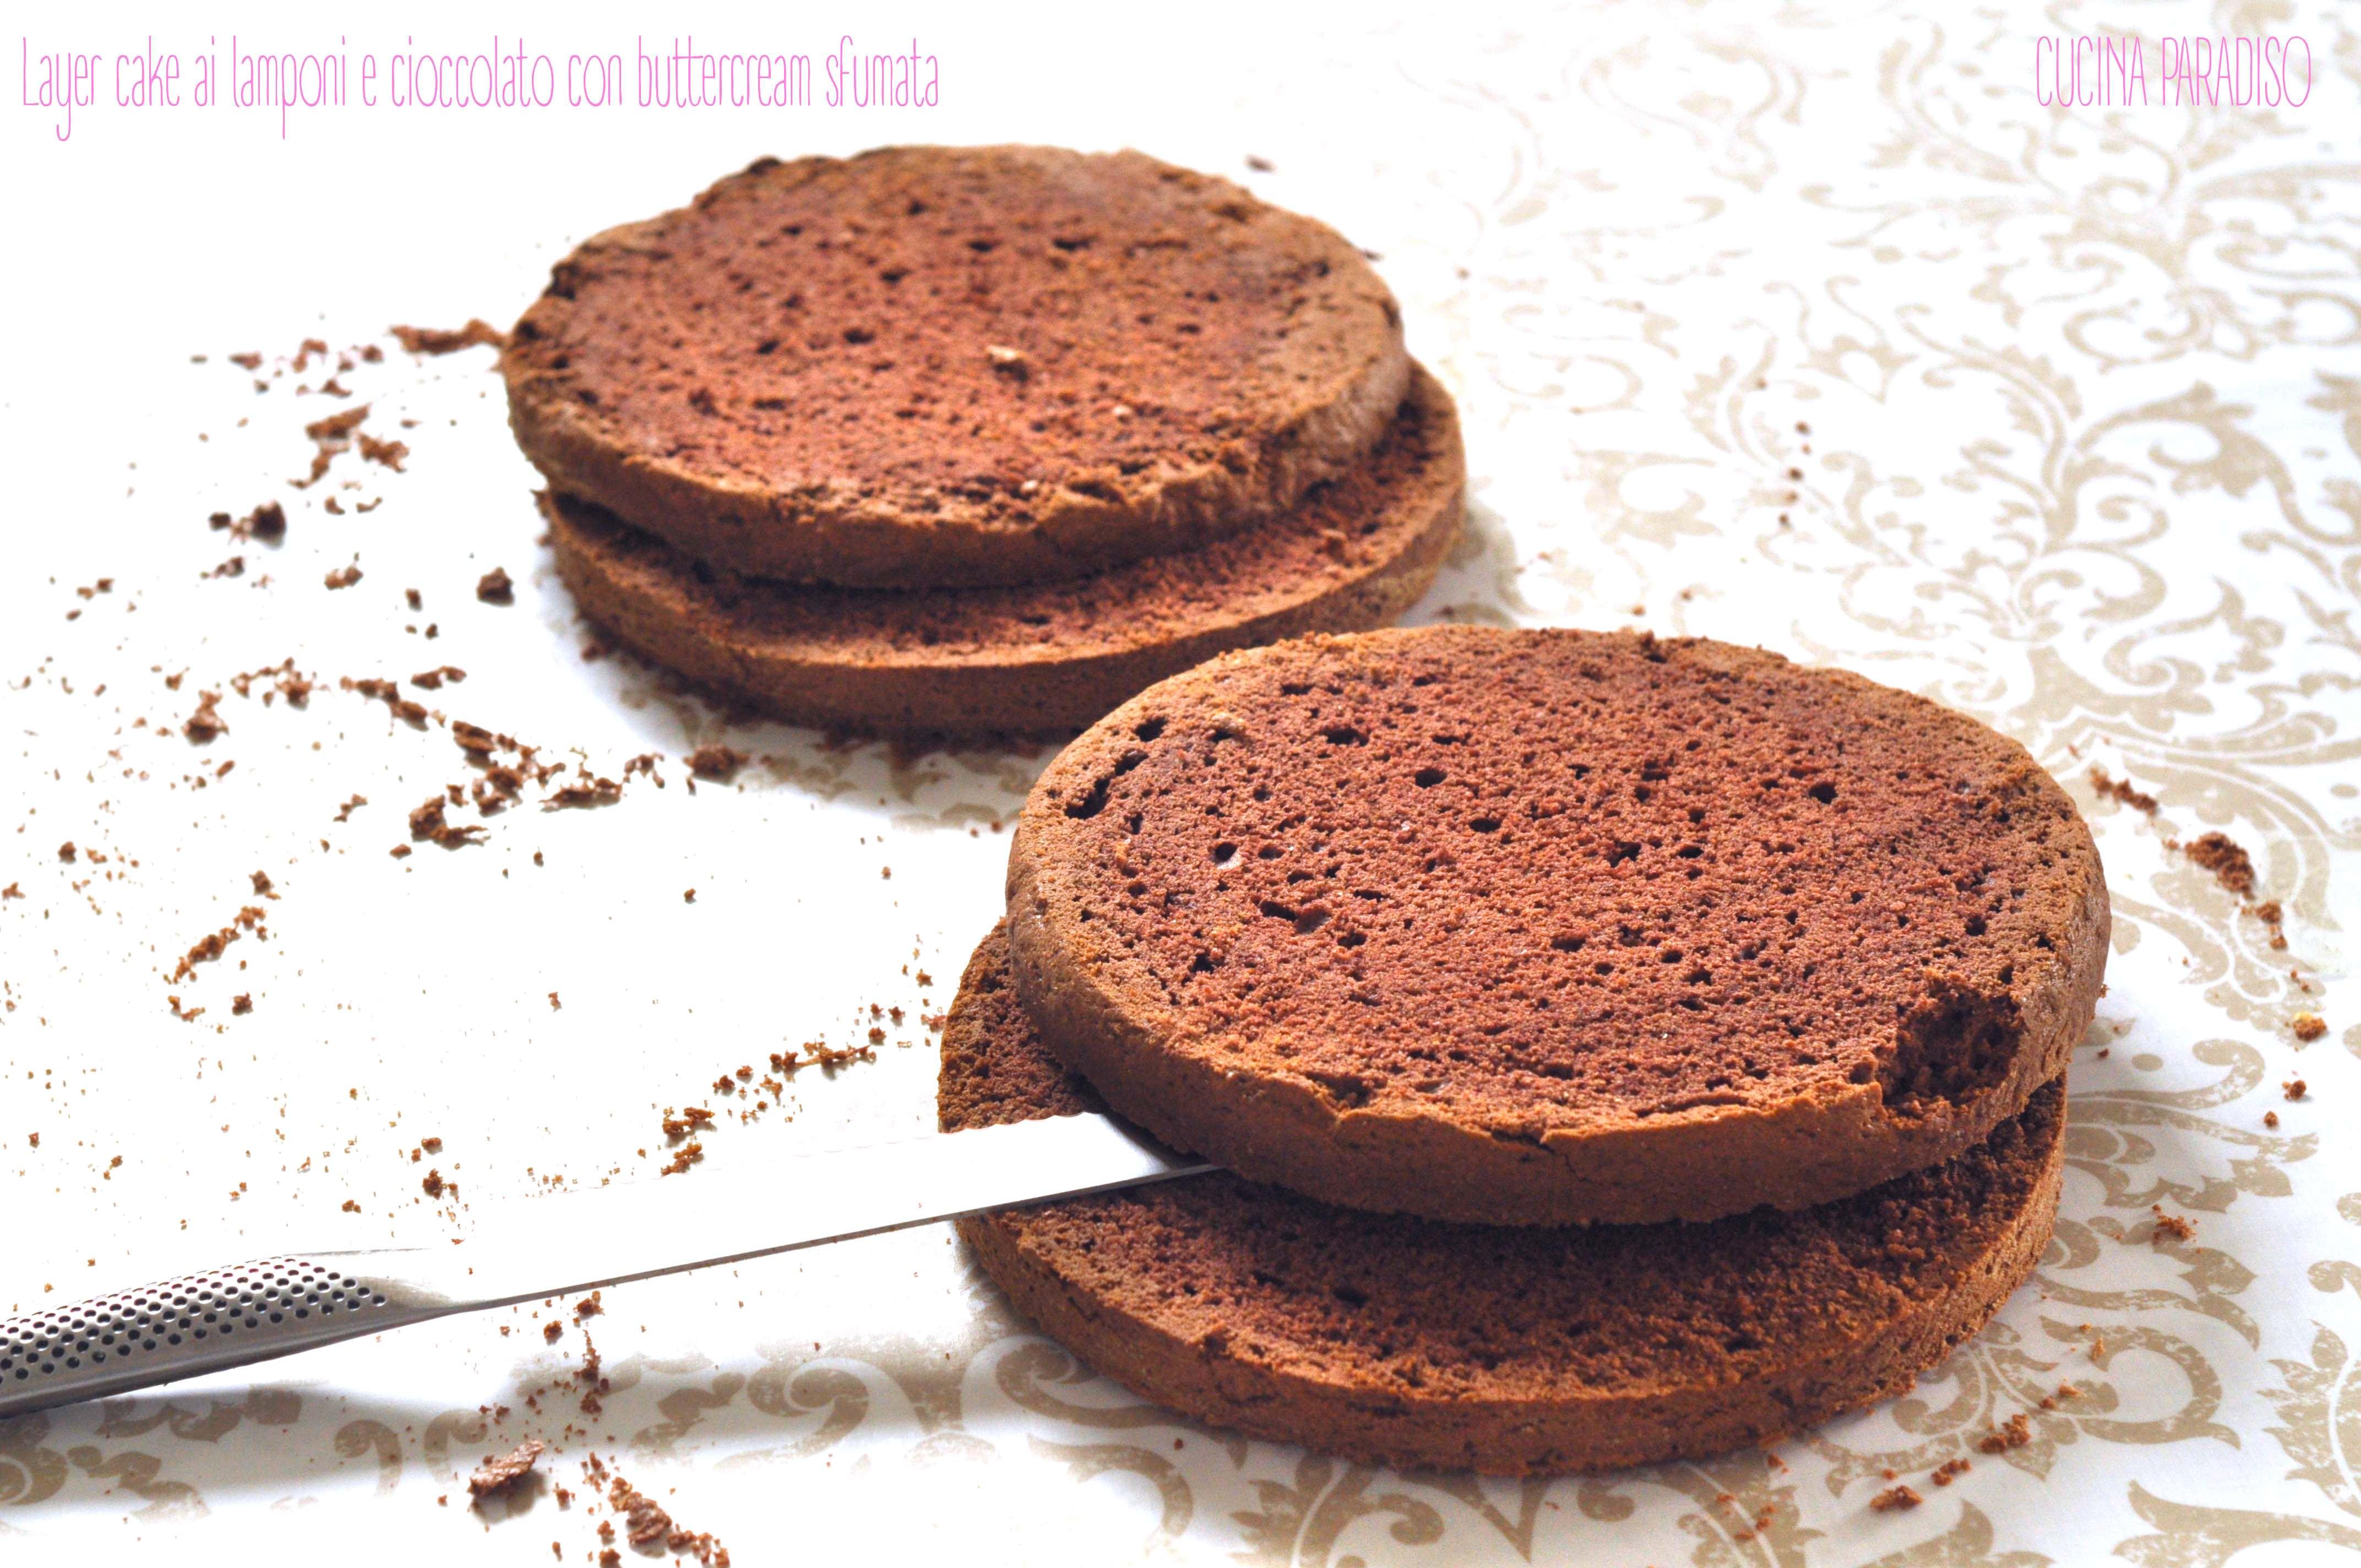 Layer cake ai lamponi e cioccolato con buttercream sfumata2